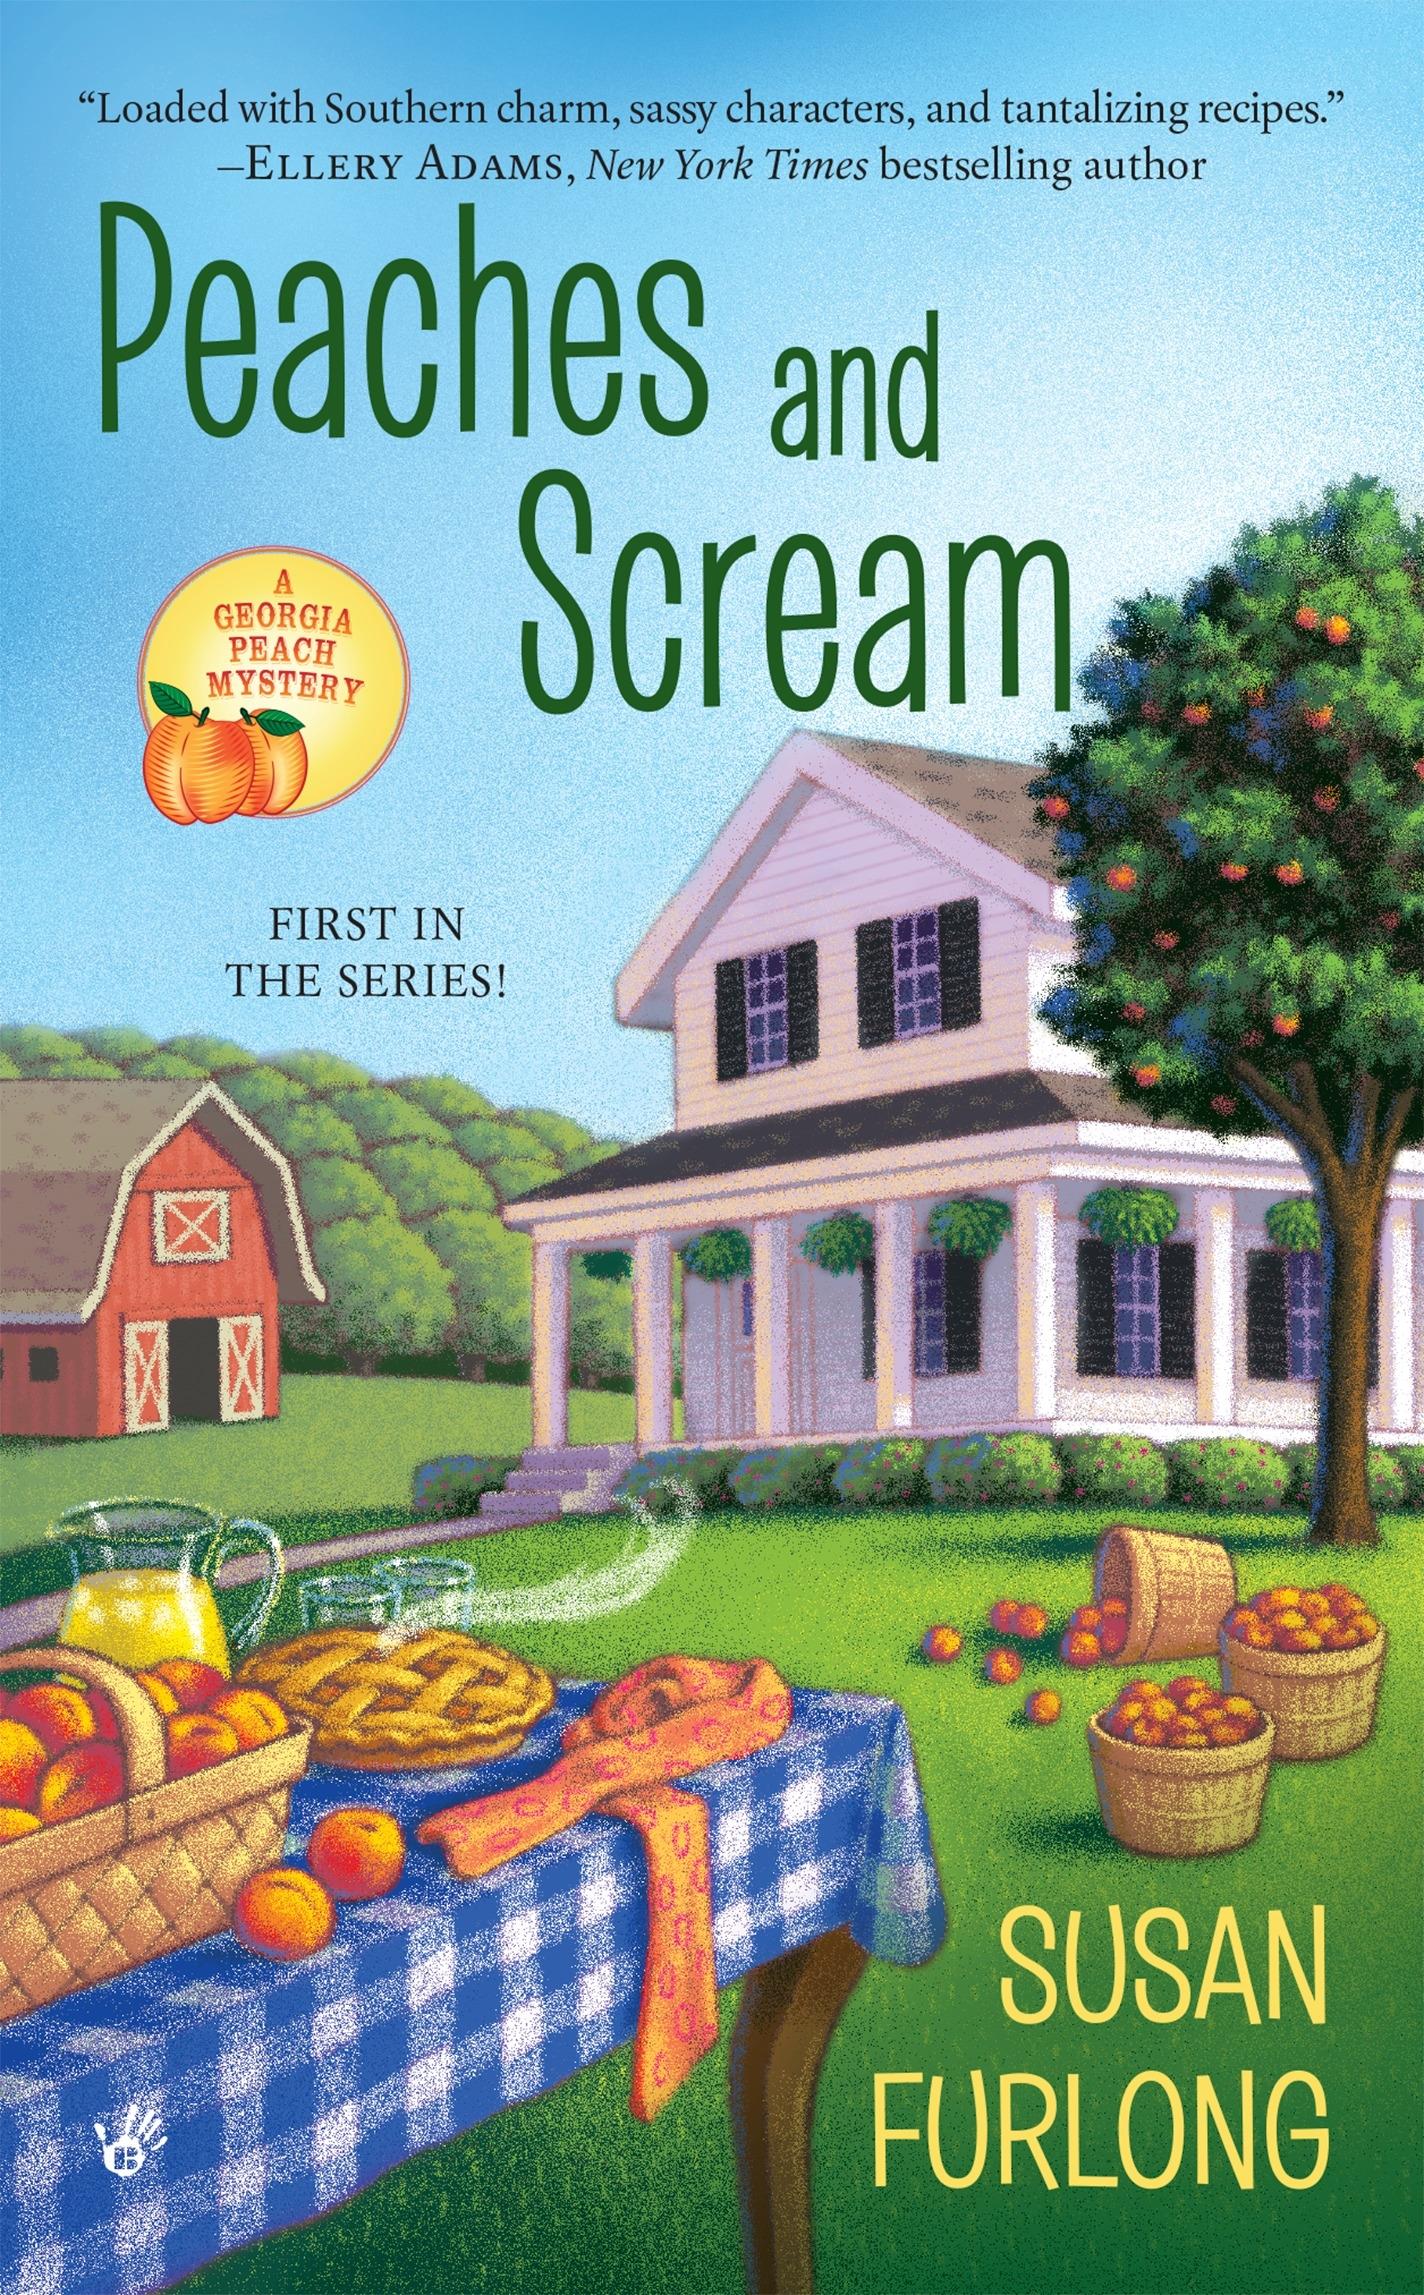 Peaches and Scream: A Georgia Peach Mystery Book 1 by Susan